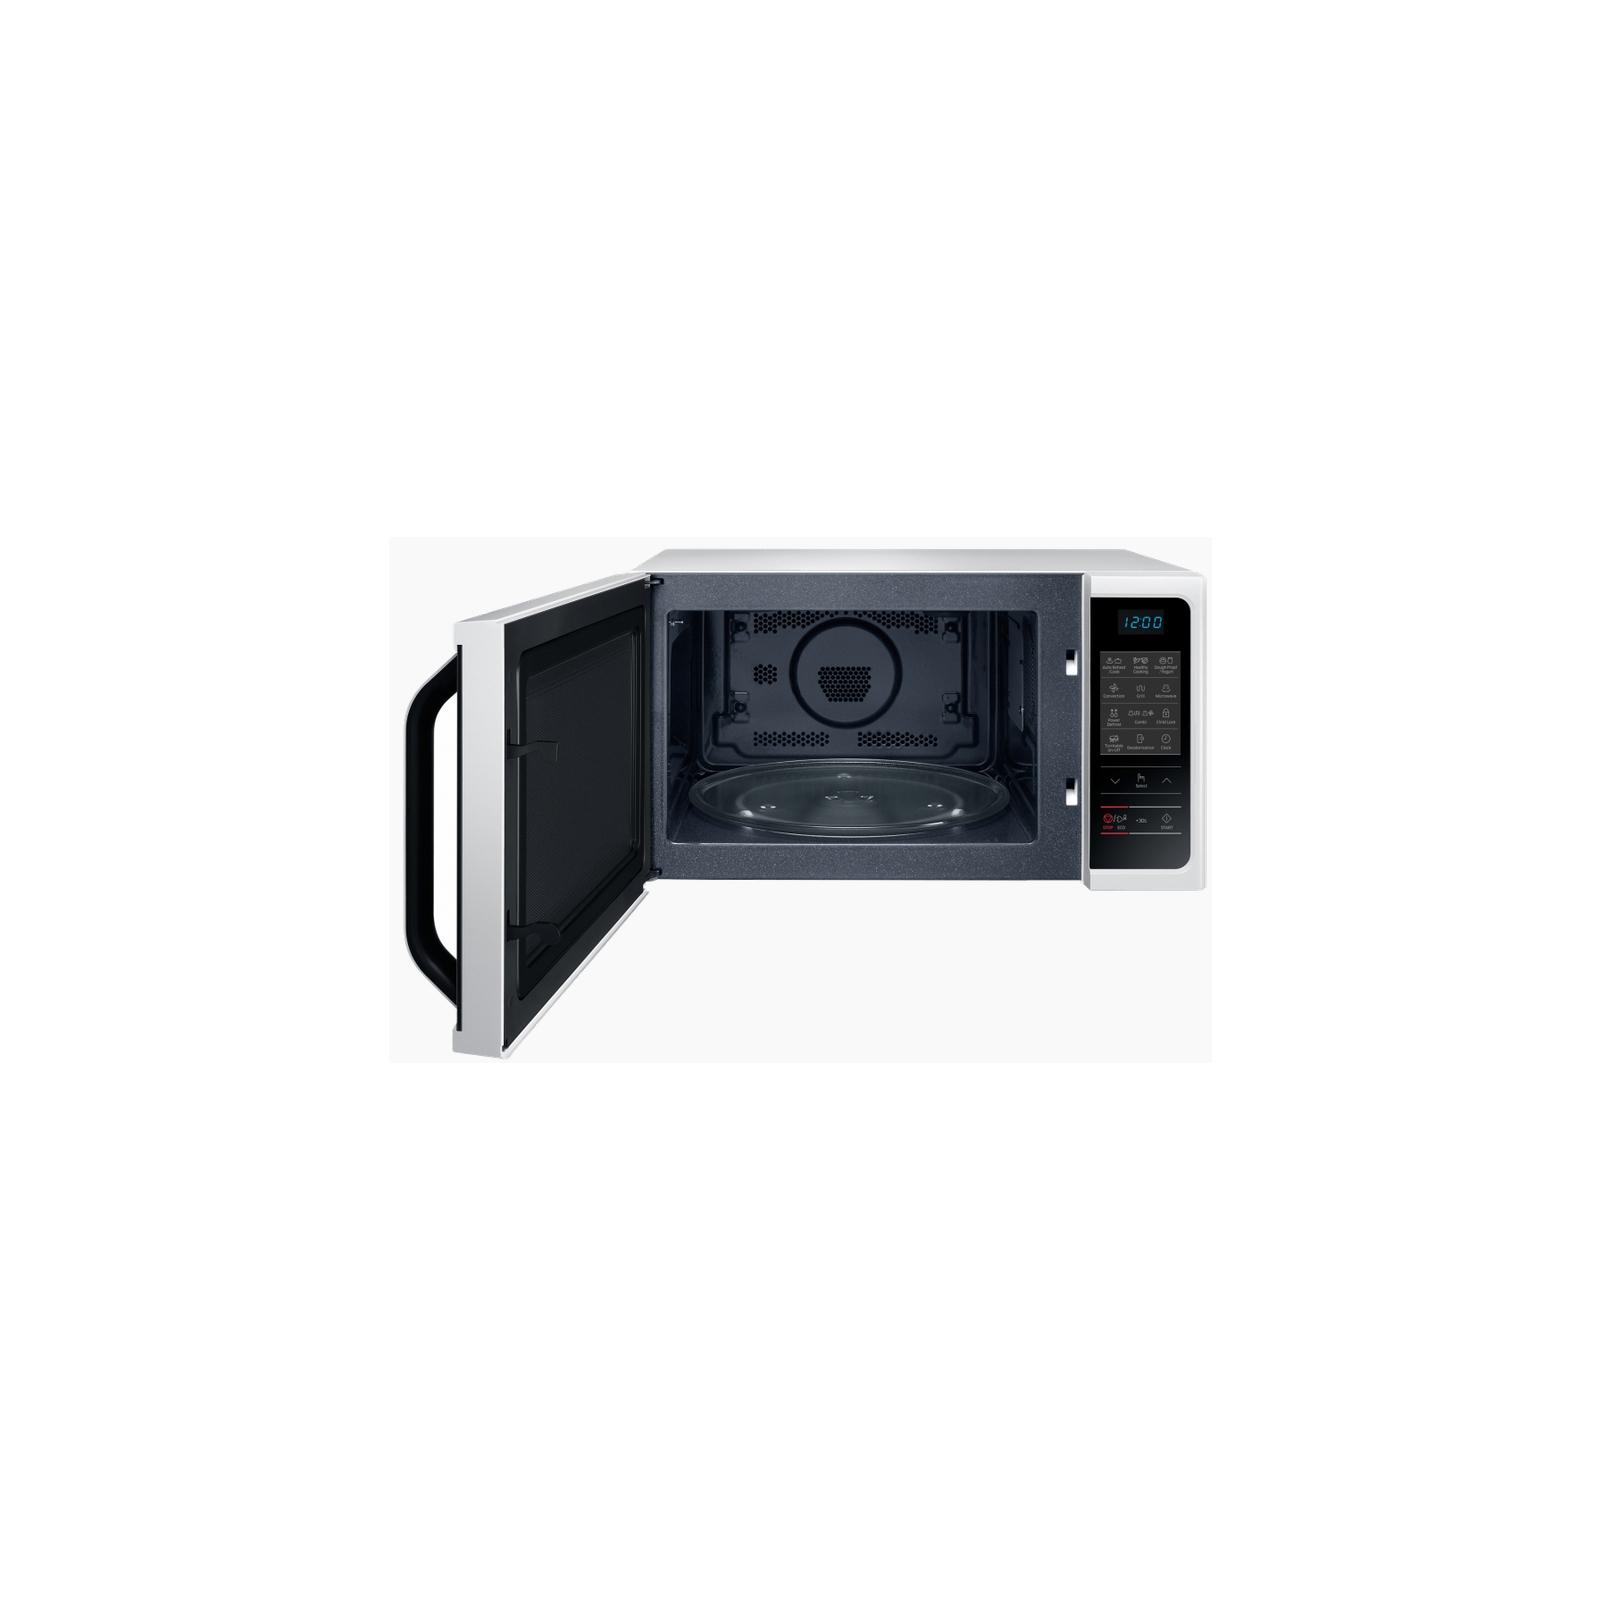 Микроволновая печь Samsung MC28H5013AW/BW изображение 4